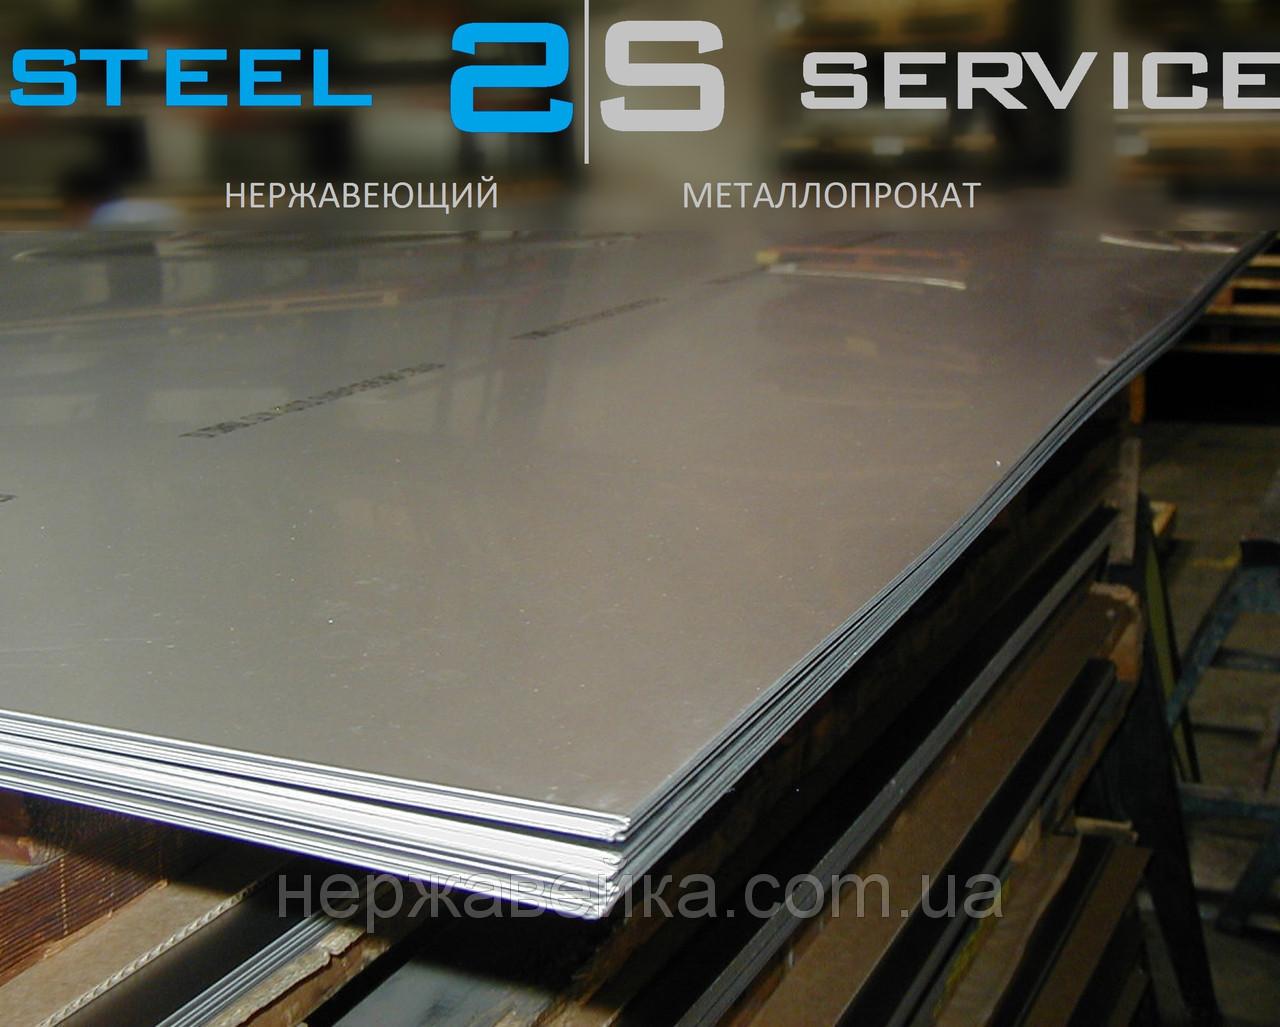 Нержавеющий лист 1х1250х2500мм  AISI 321(08Х18Н10Т) BA - зеркало,  пищевой